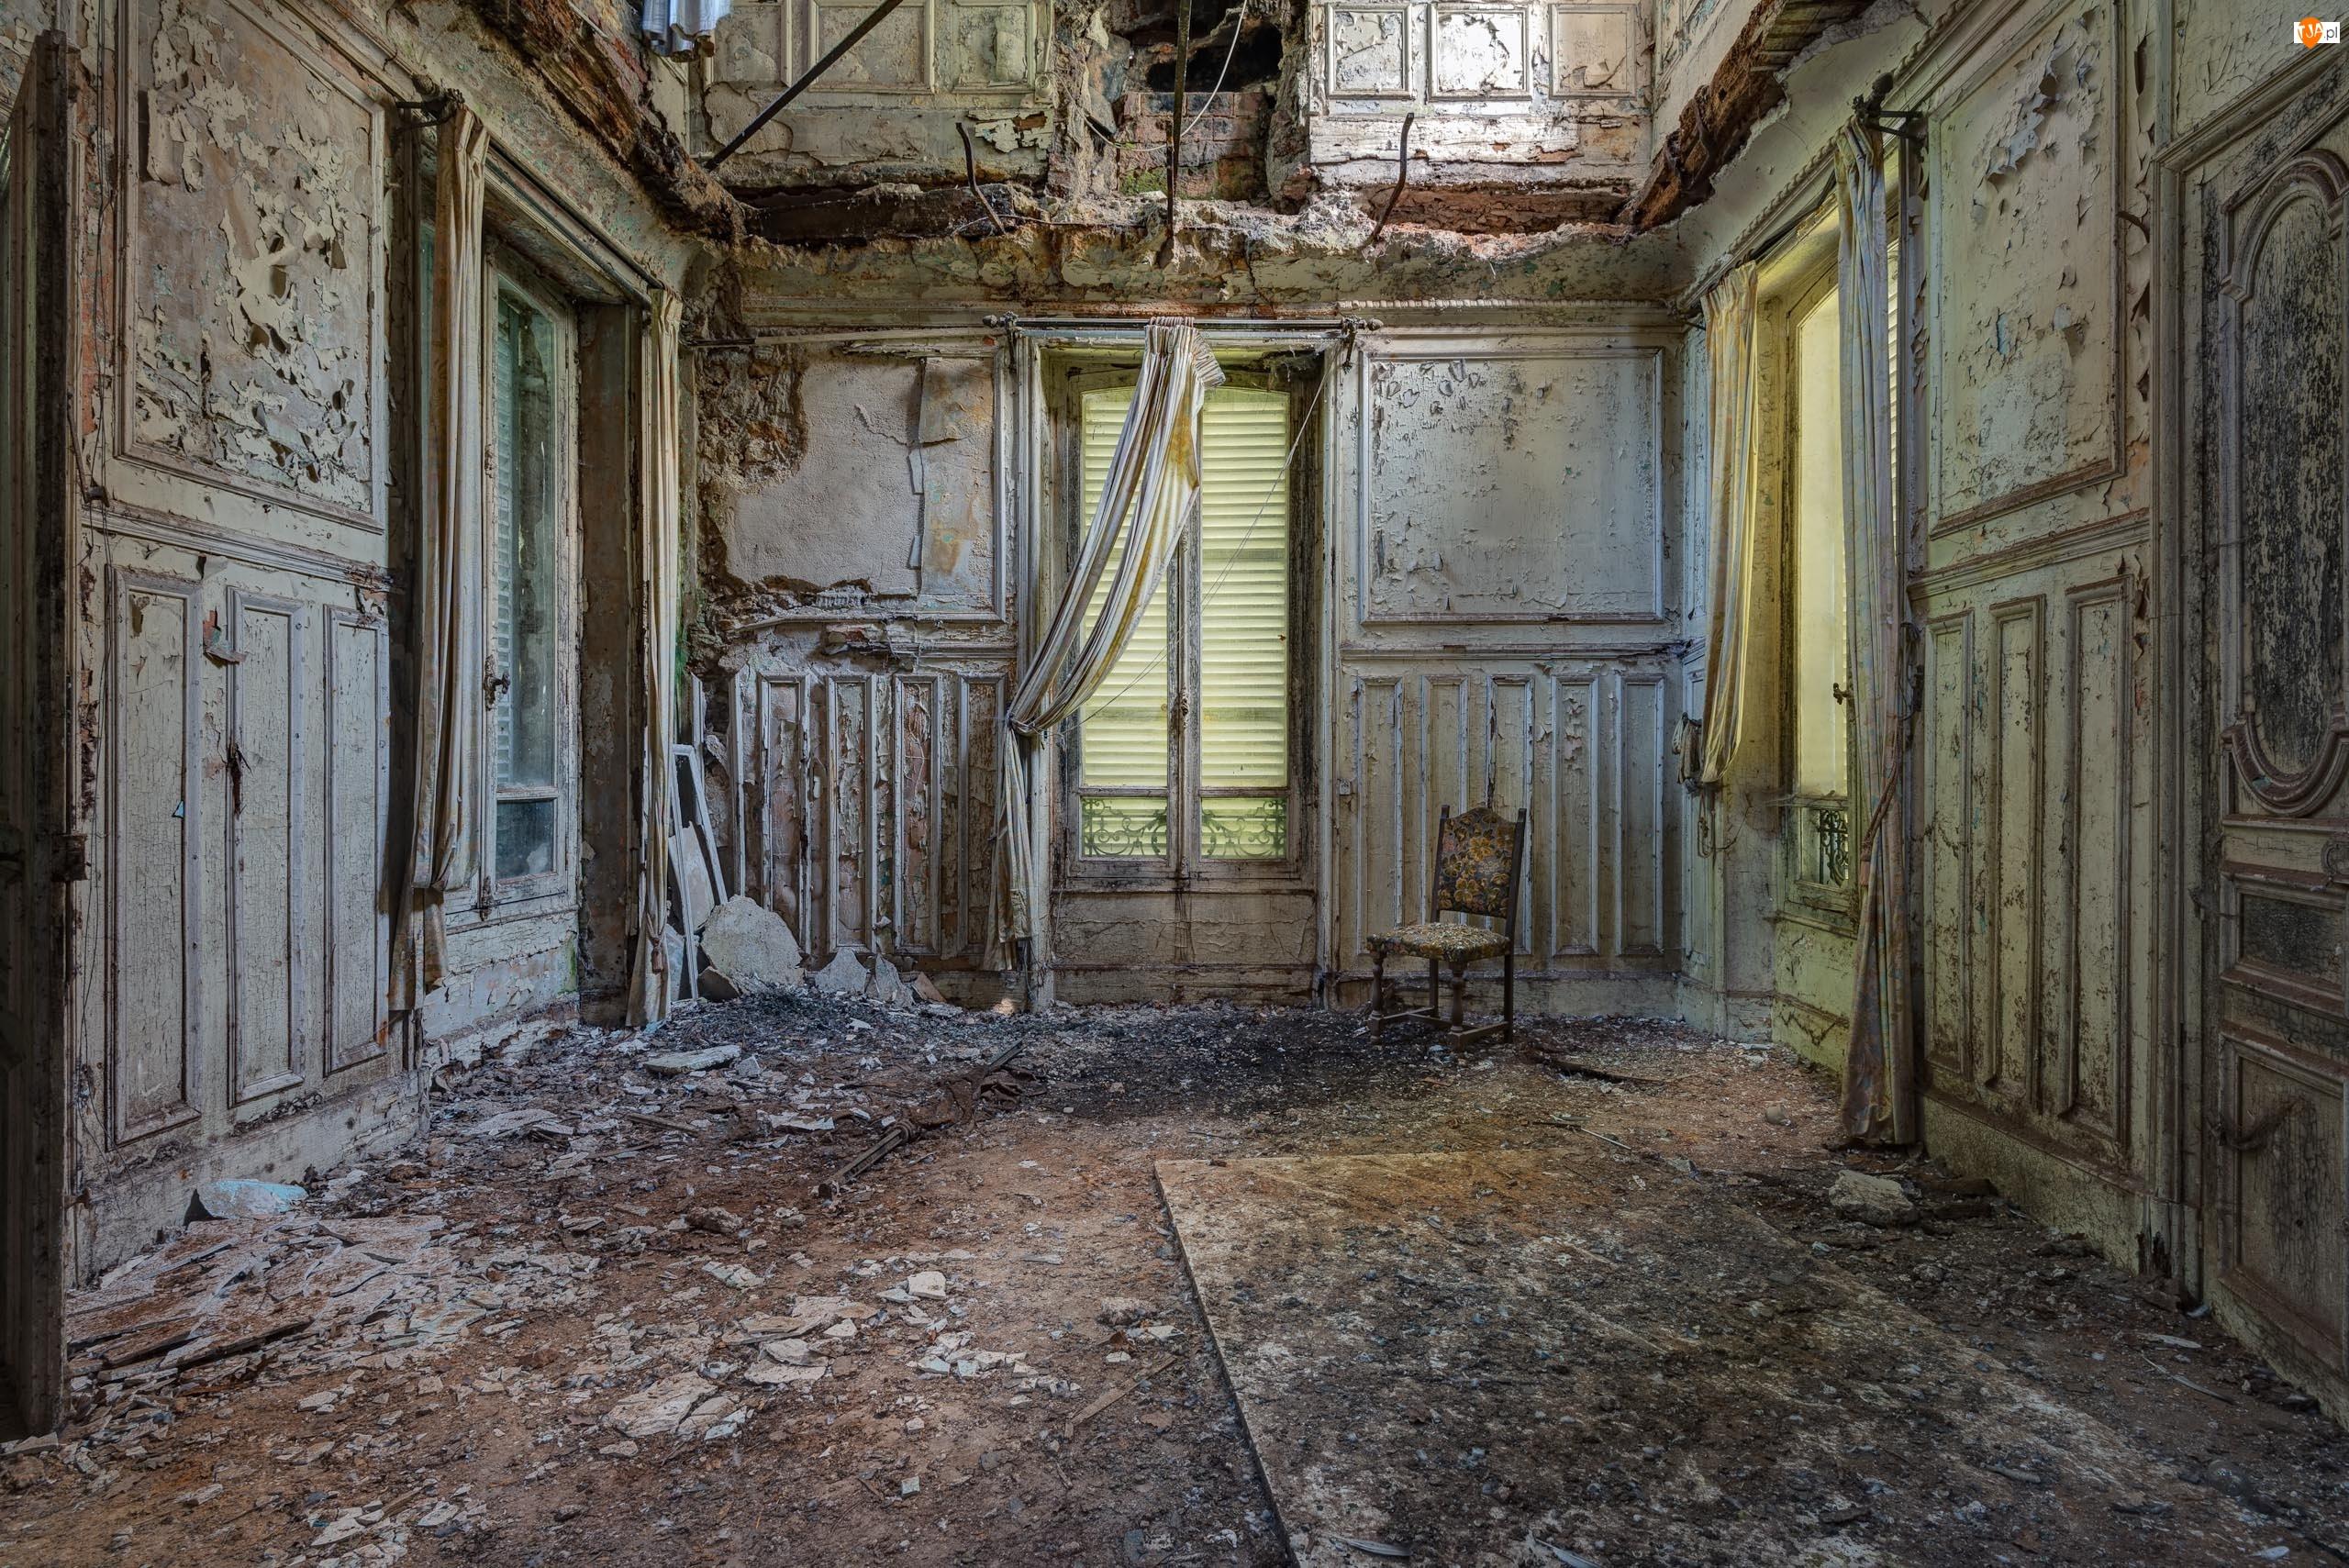 Krzesło, Zaniedbane, Pomieszczenie